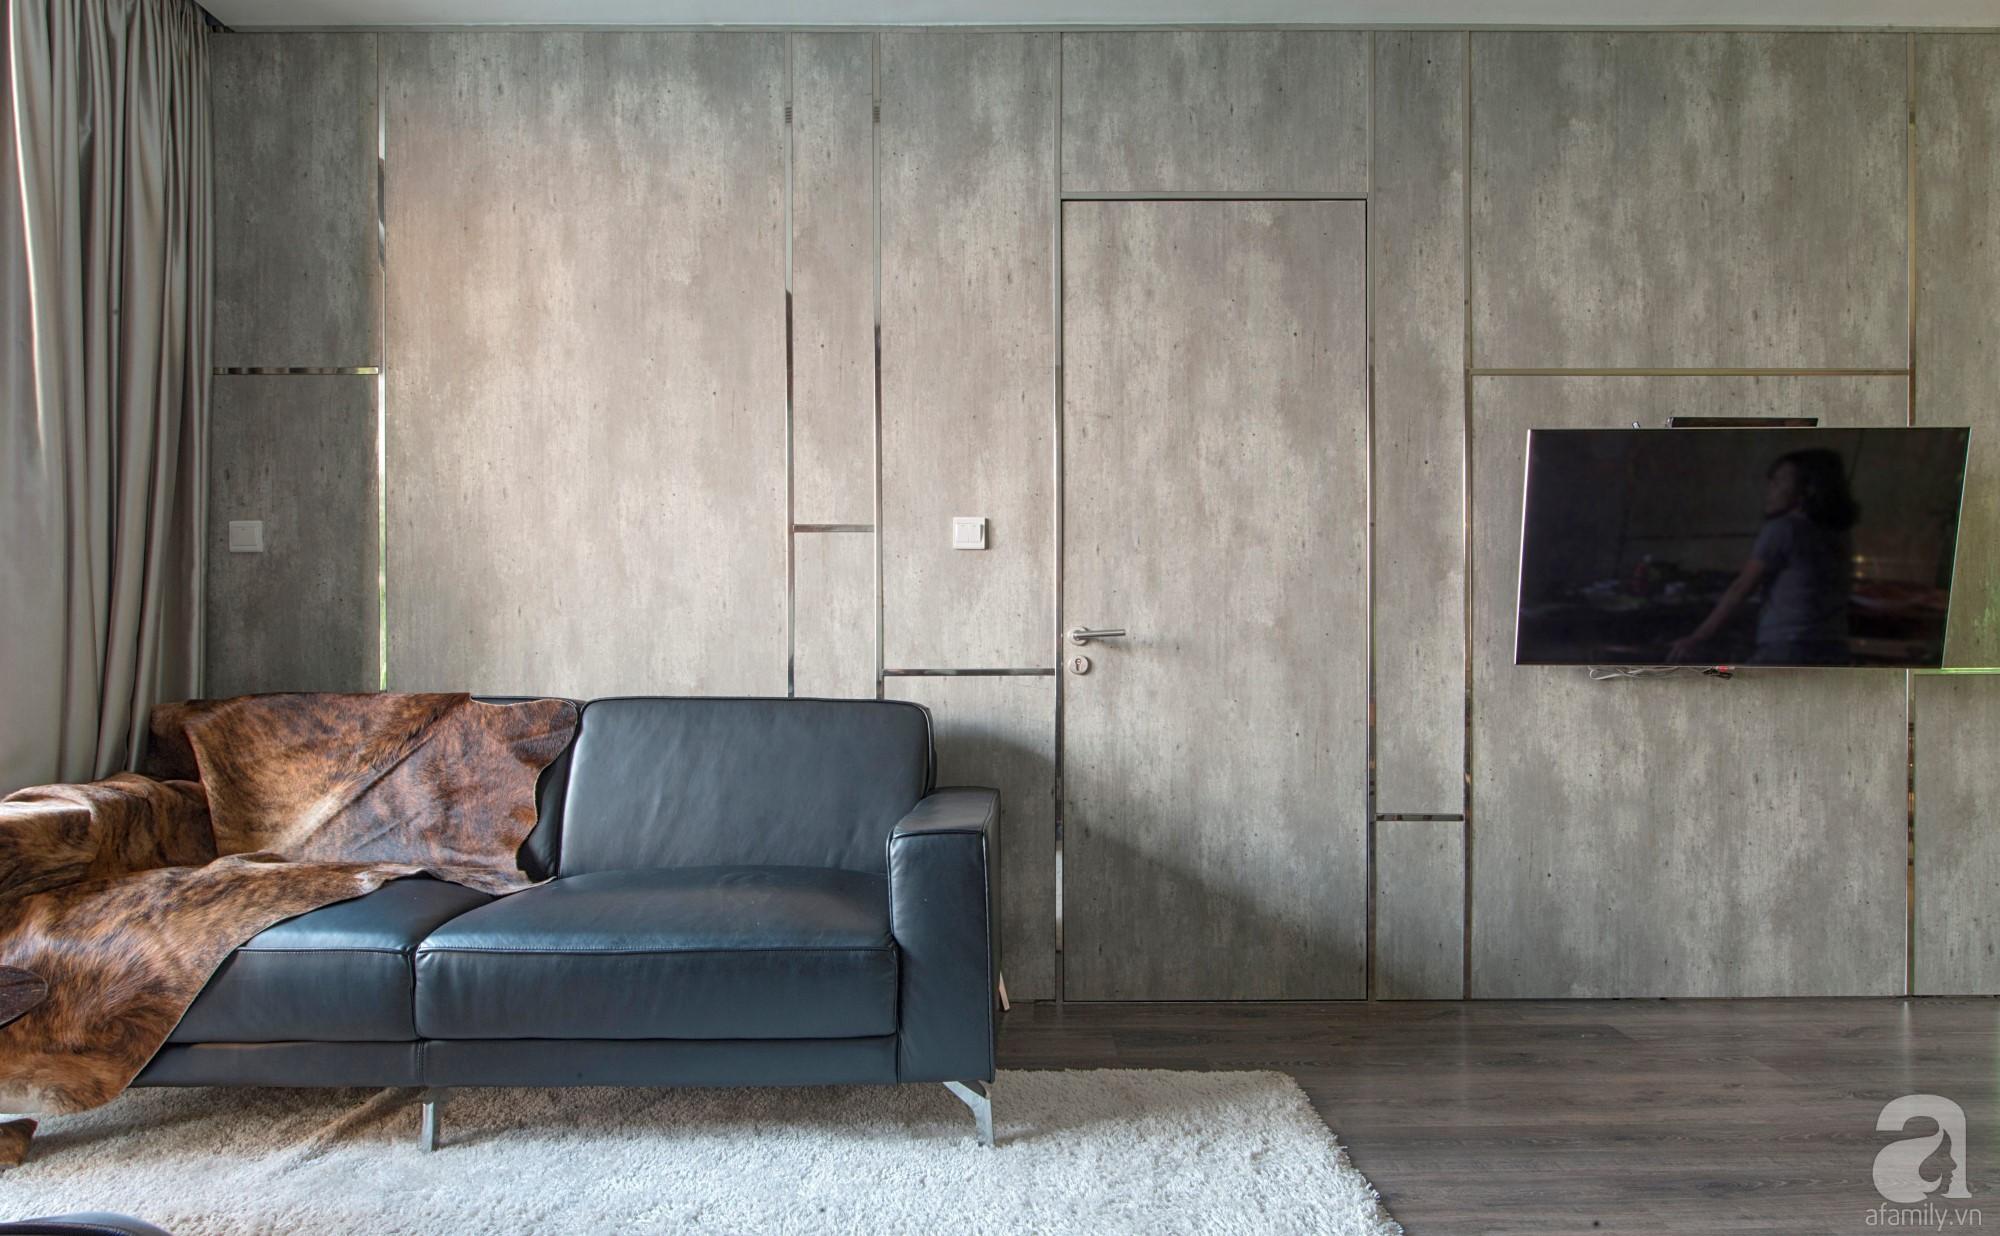 Căn hộ 80m² trên tầng 21 đẹp độc đáo với chi phí cải tạo 780 triệu đồng của chủ nhà yêu cây xanh - Ảnh 8.